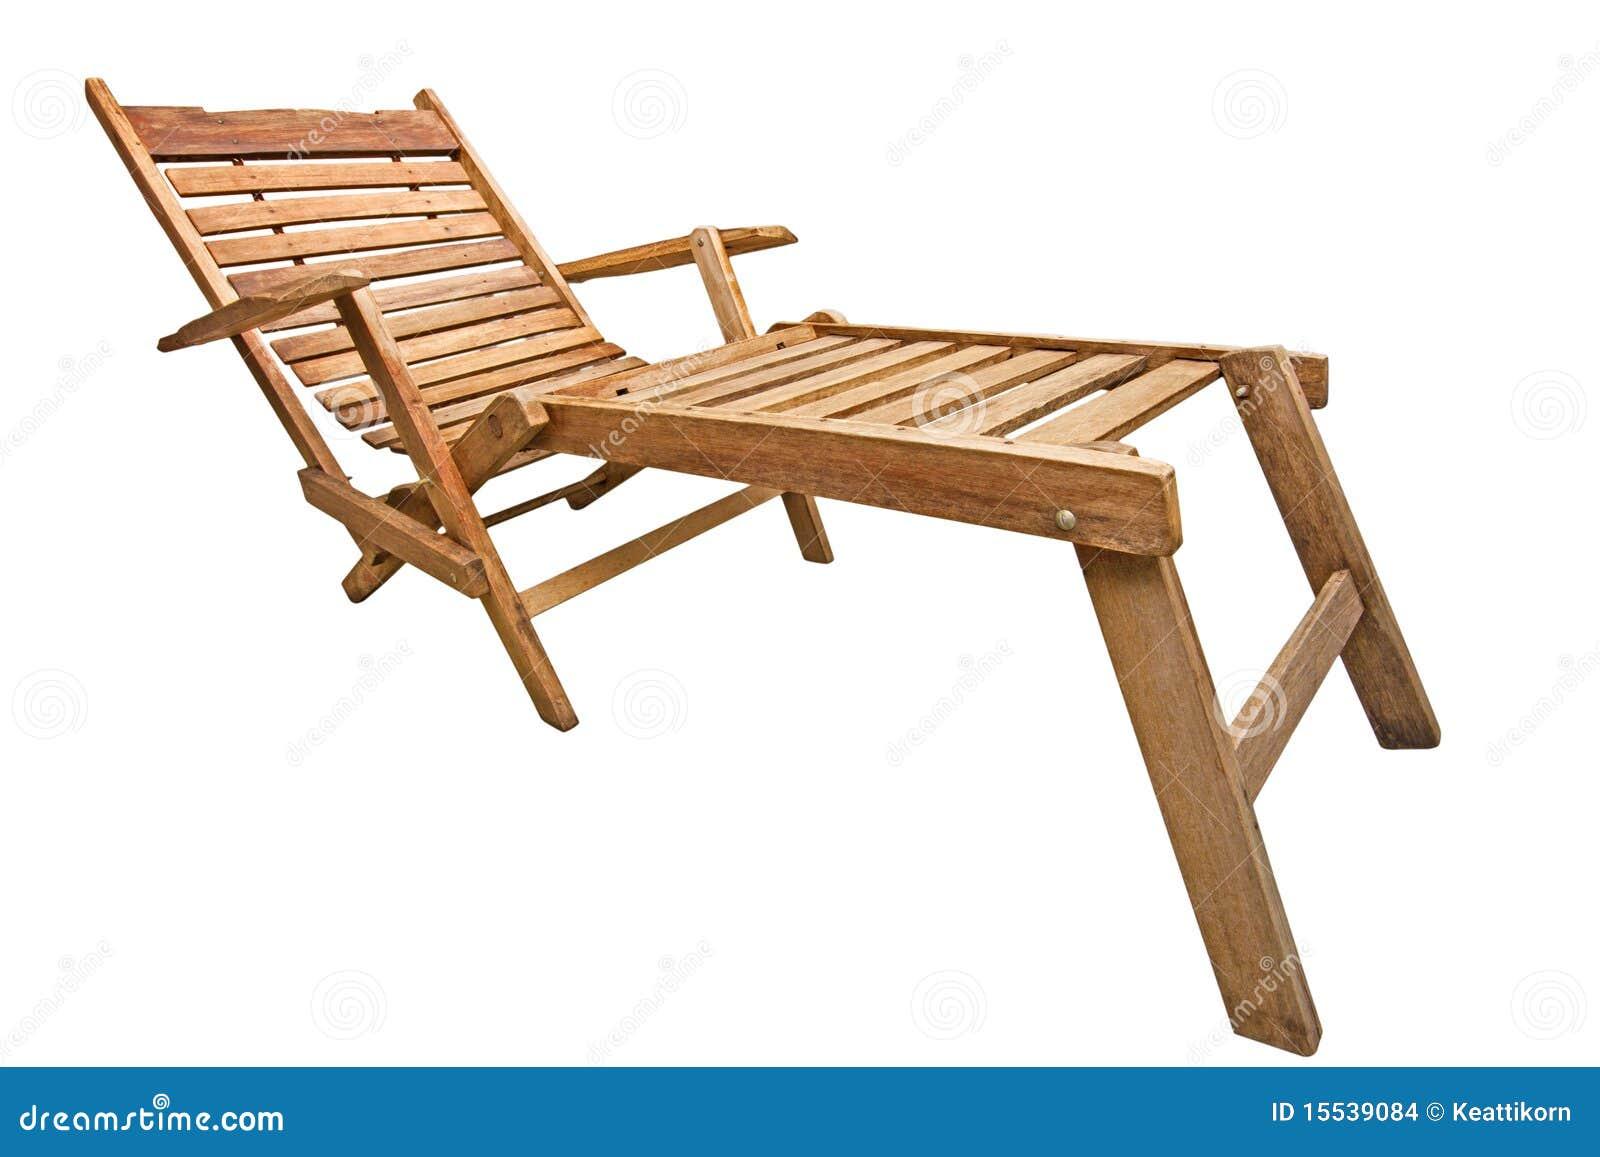 Cadeira De Praia De Madeira Imagens de Stock Imagem: 15539084 #46260F 1300x957